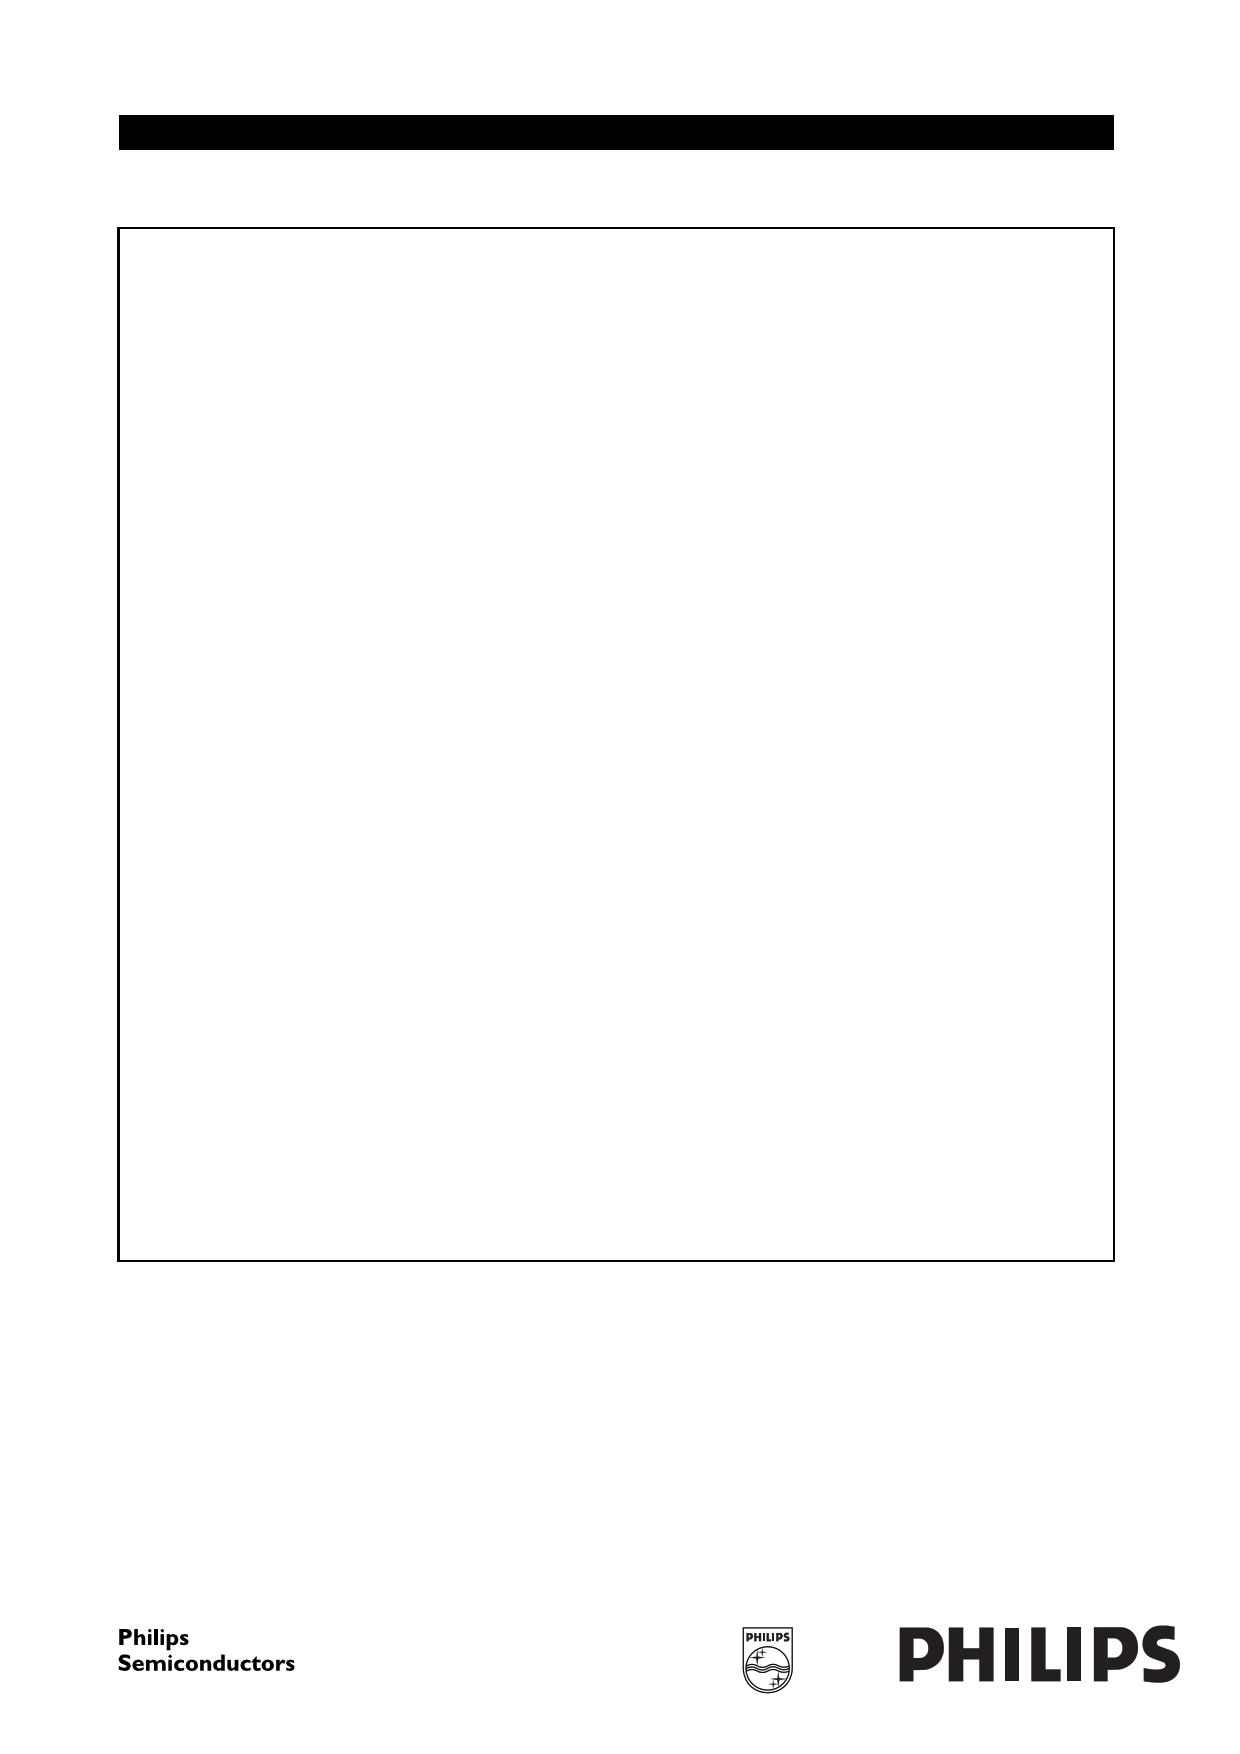 J112 datasheet